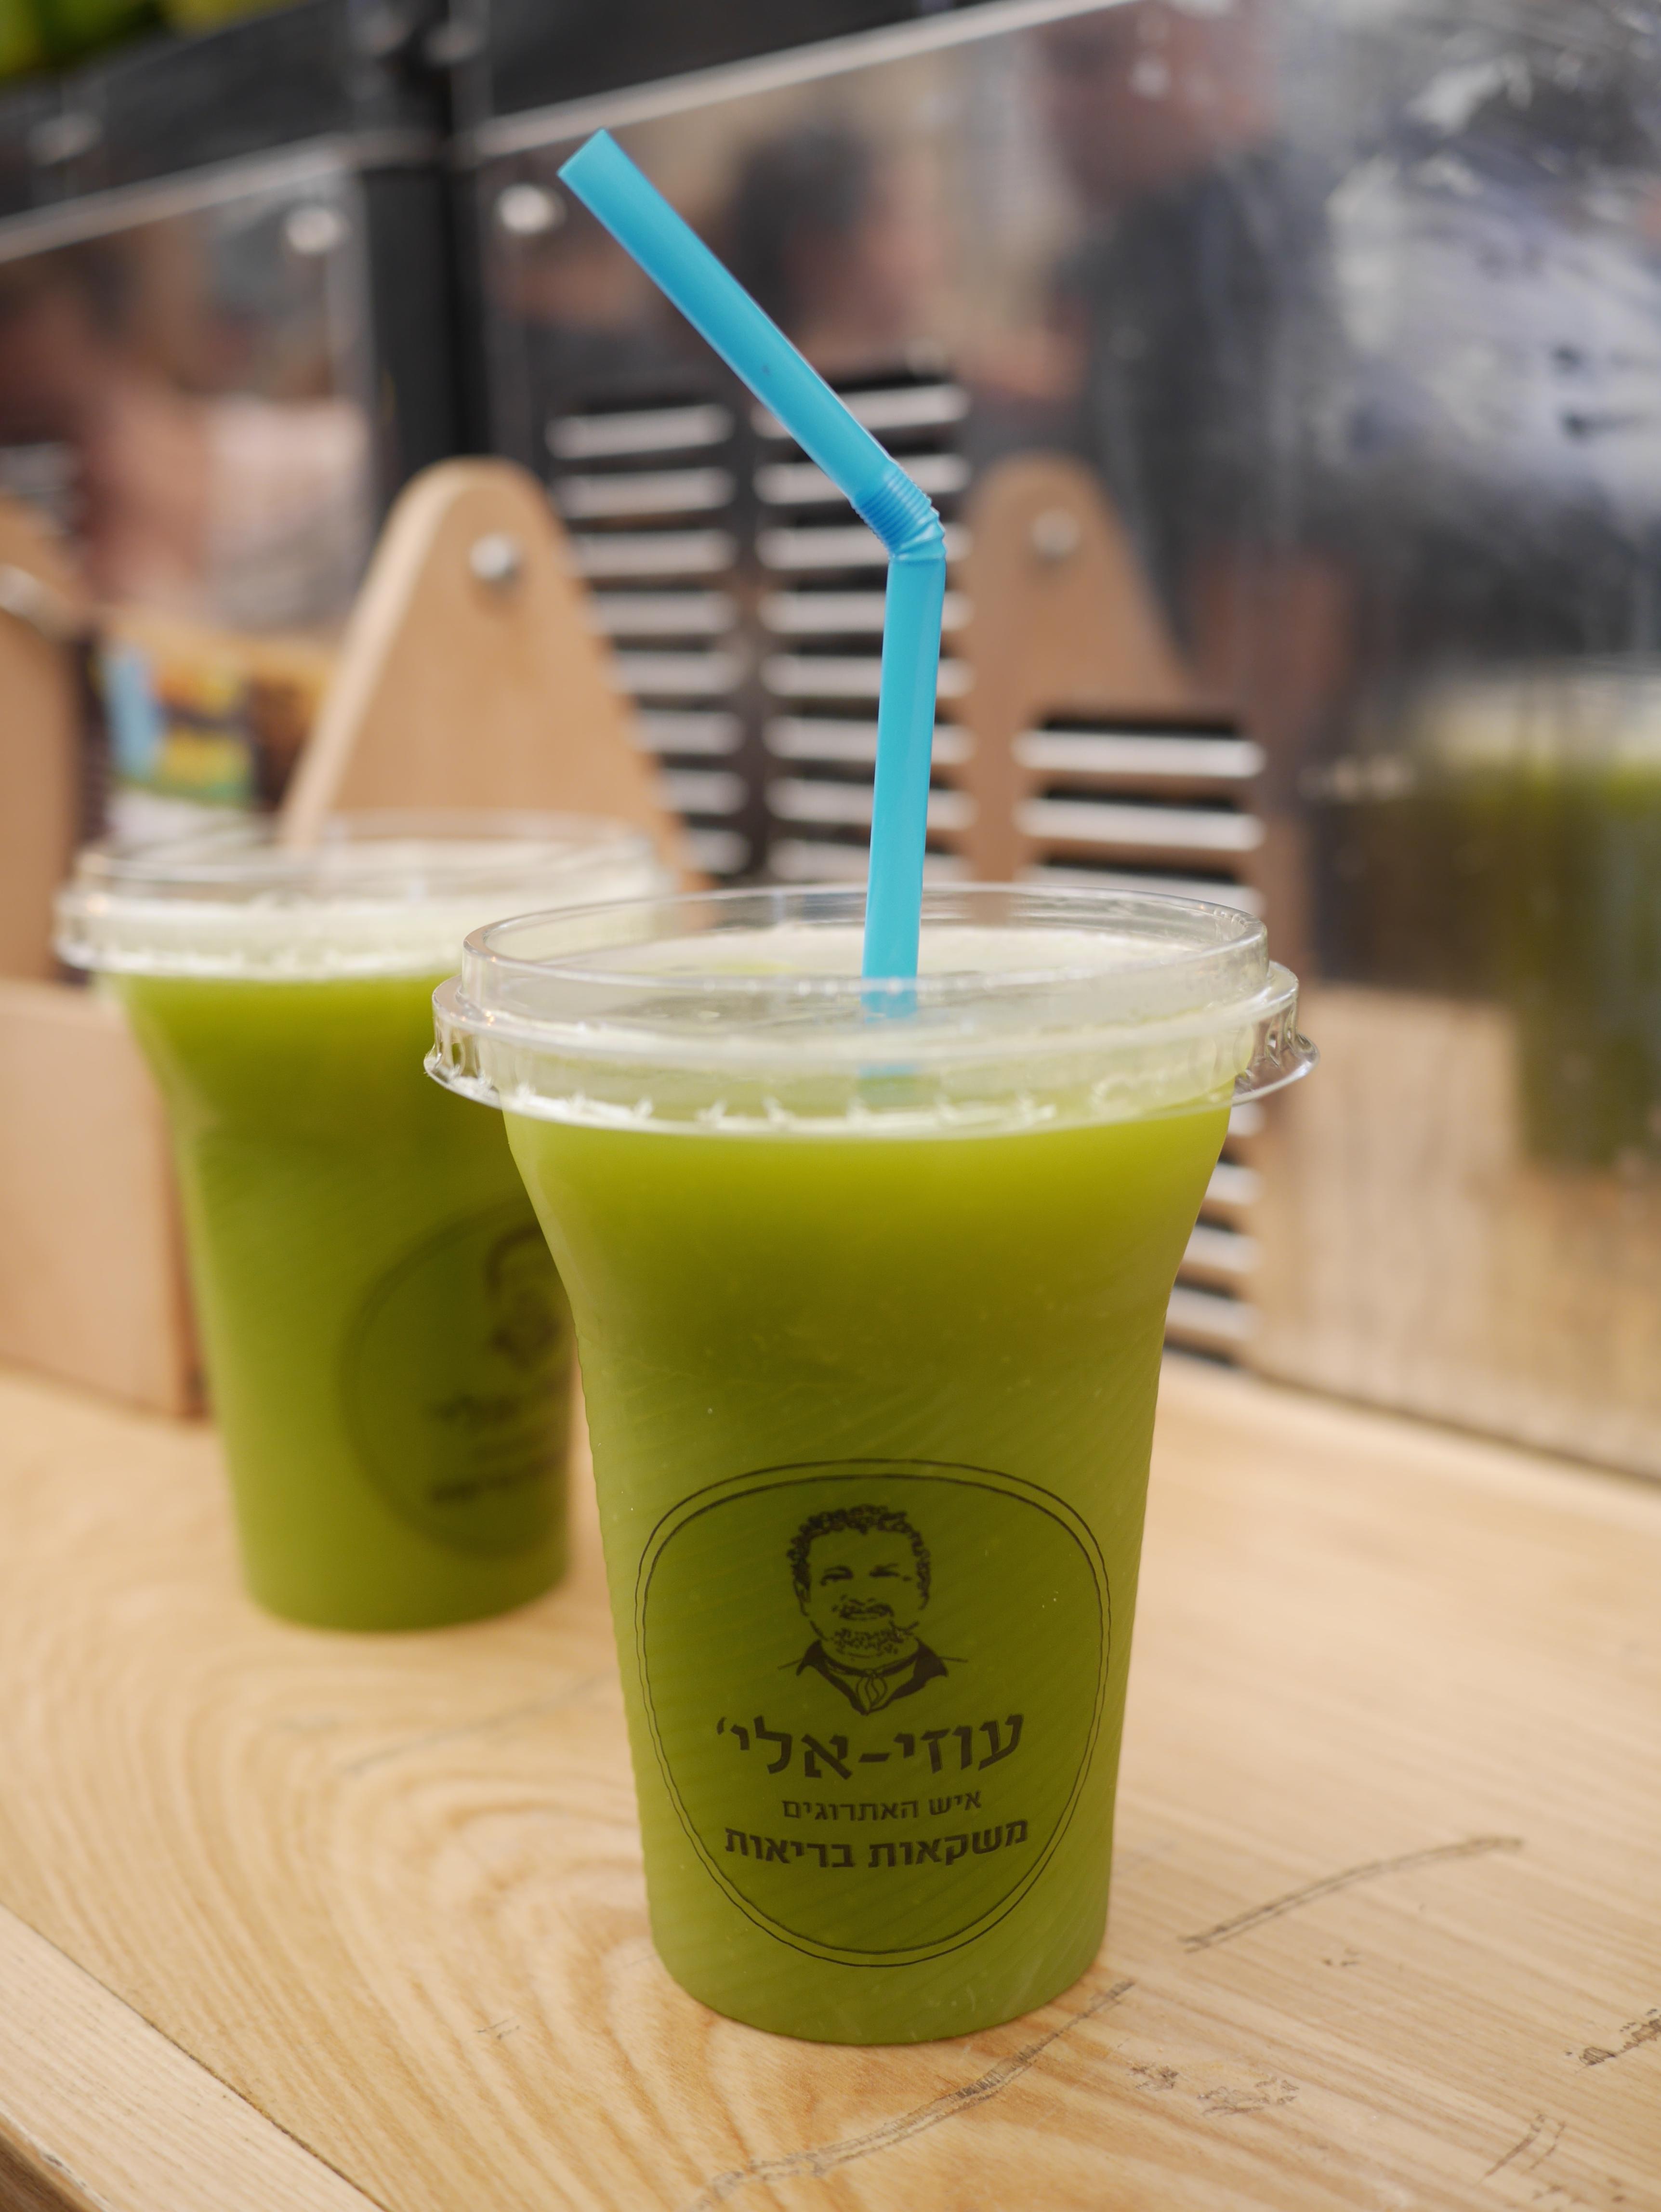 Uzi Eli EtroGat drink at Machne Yehuda Market www.thesweetwanderlust.com